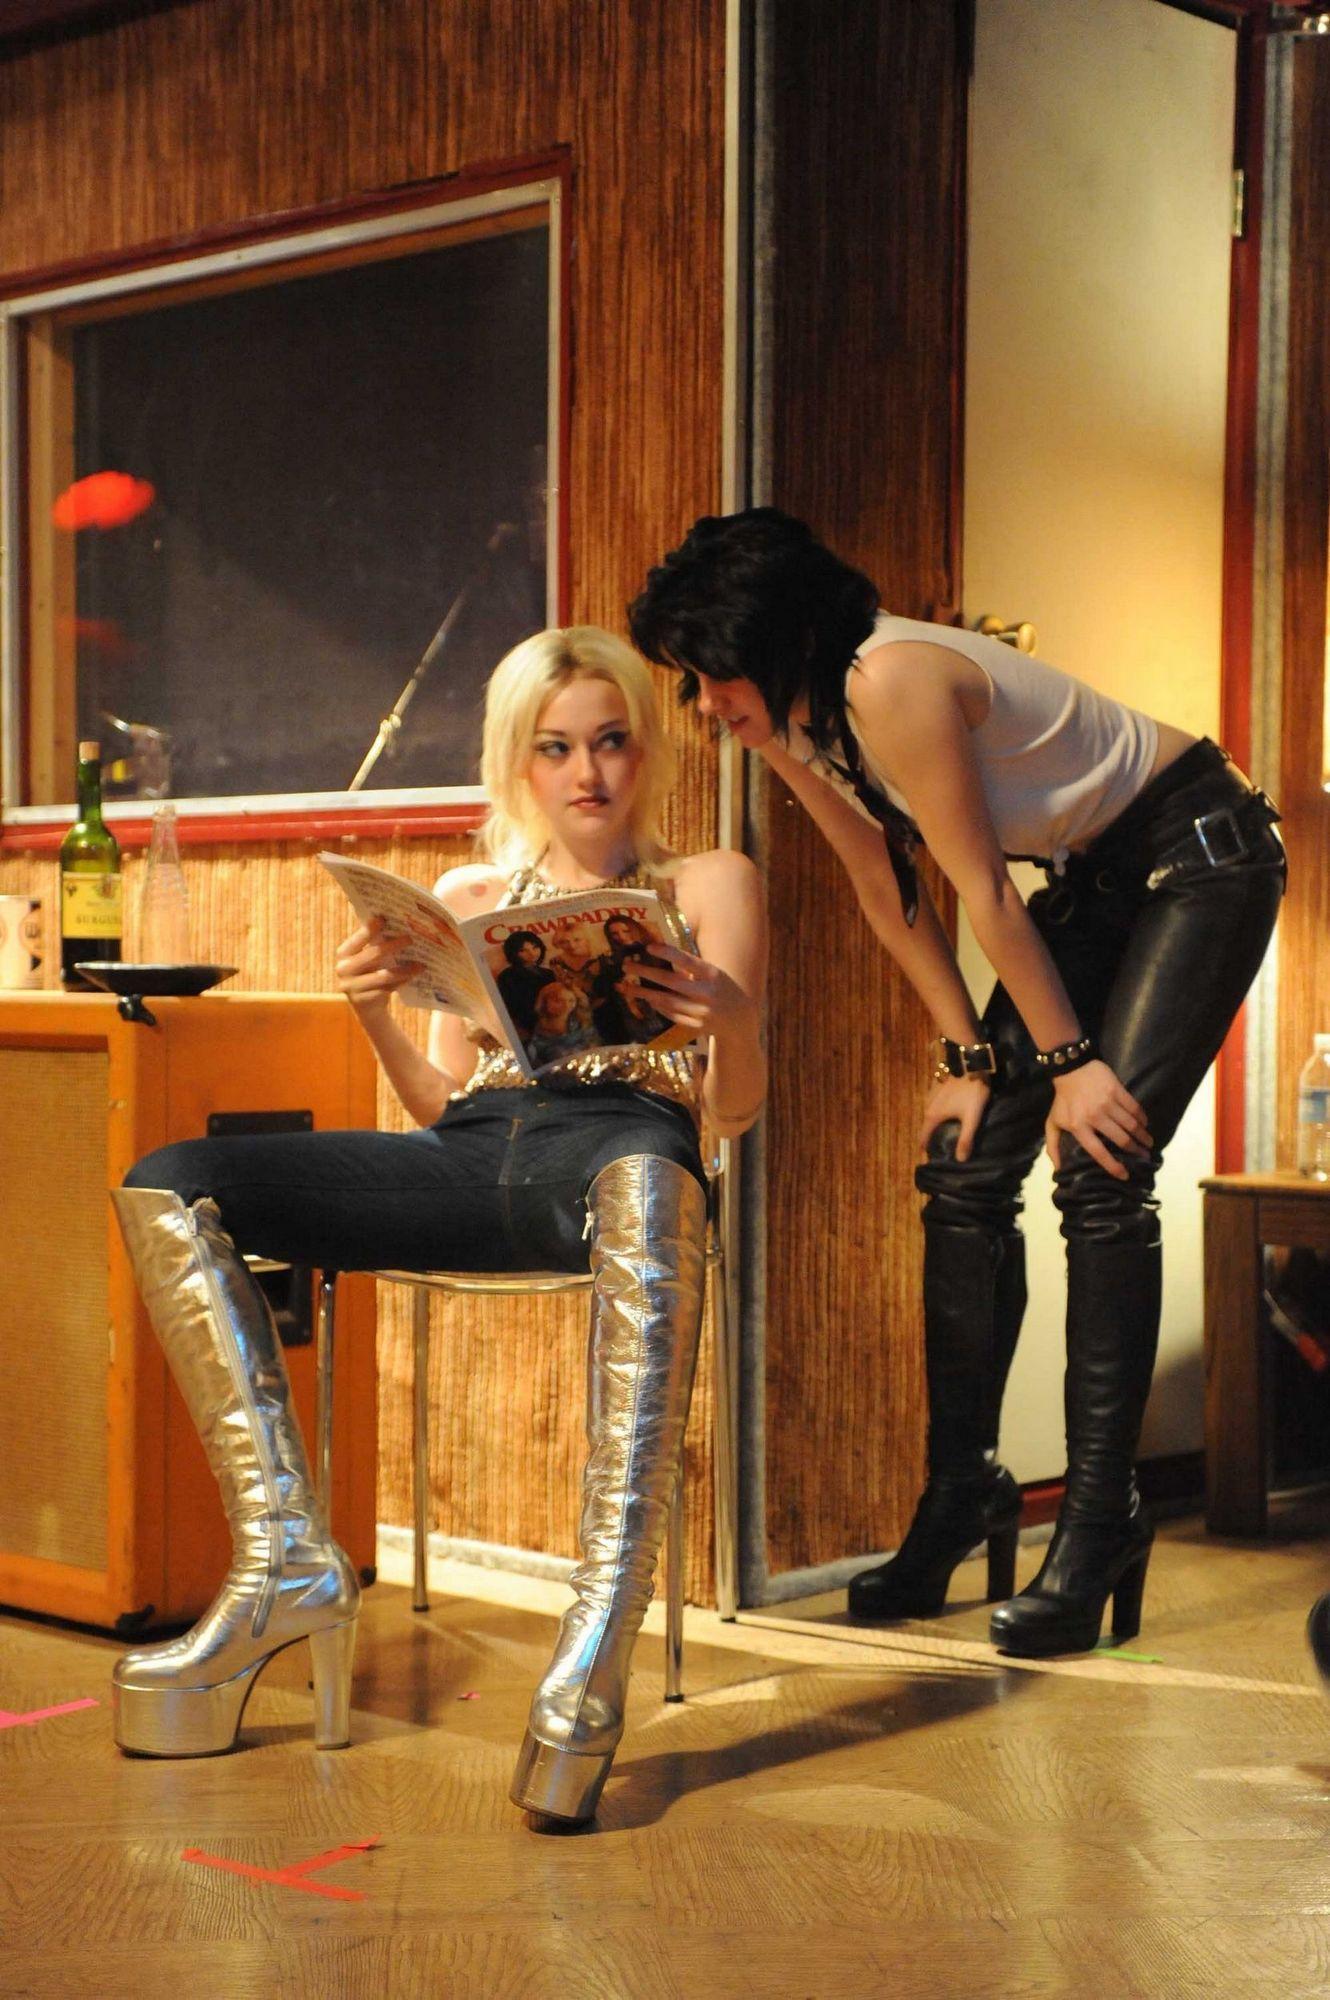 The-Runaways-still-kristen-stewart-and-dakota-fanning-11437310-1330    Kristen Stewart And Dakota Fanning In The Runaways